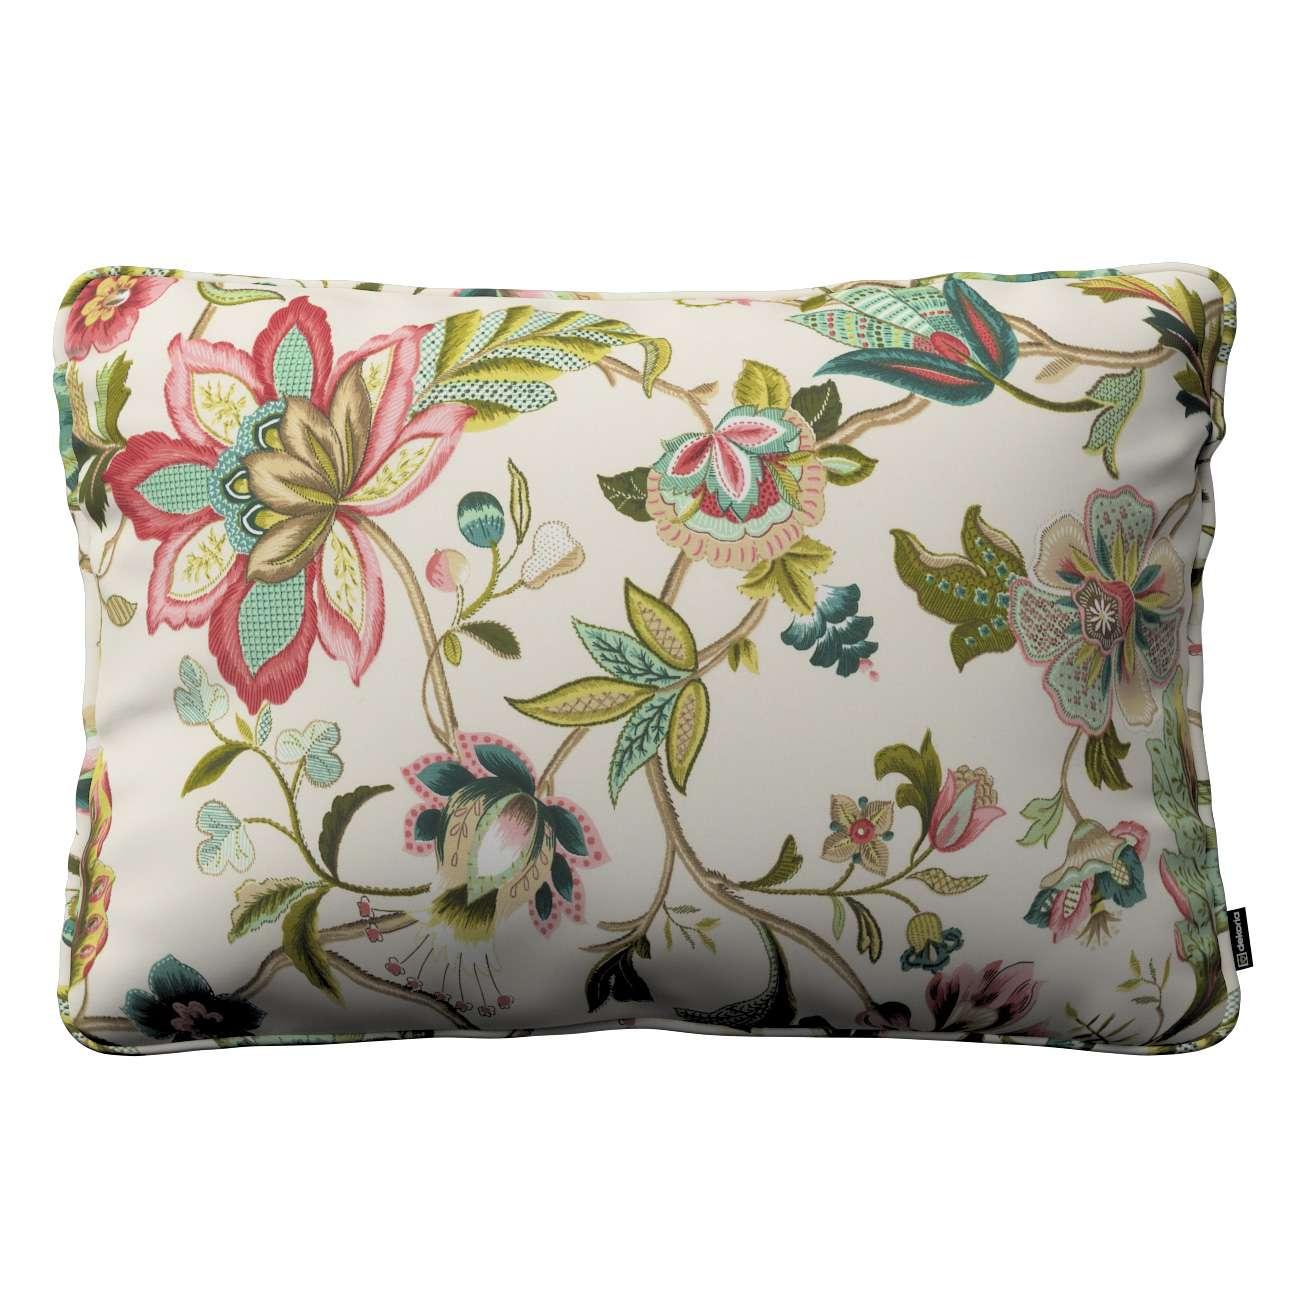 Poszewka Gabi na poduszkę prostokątna 60 x 40 cm w kolekcji Londres, tkanina: 122-00